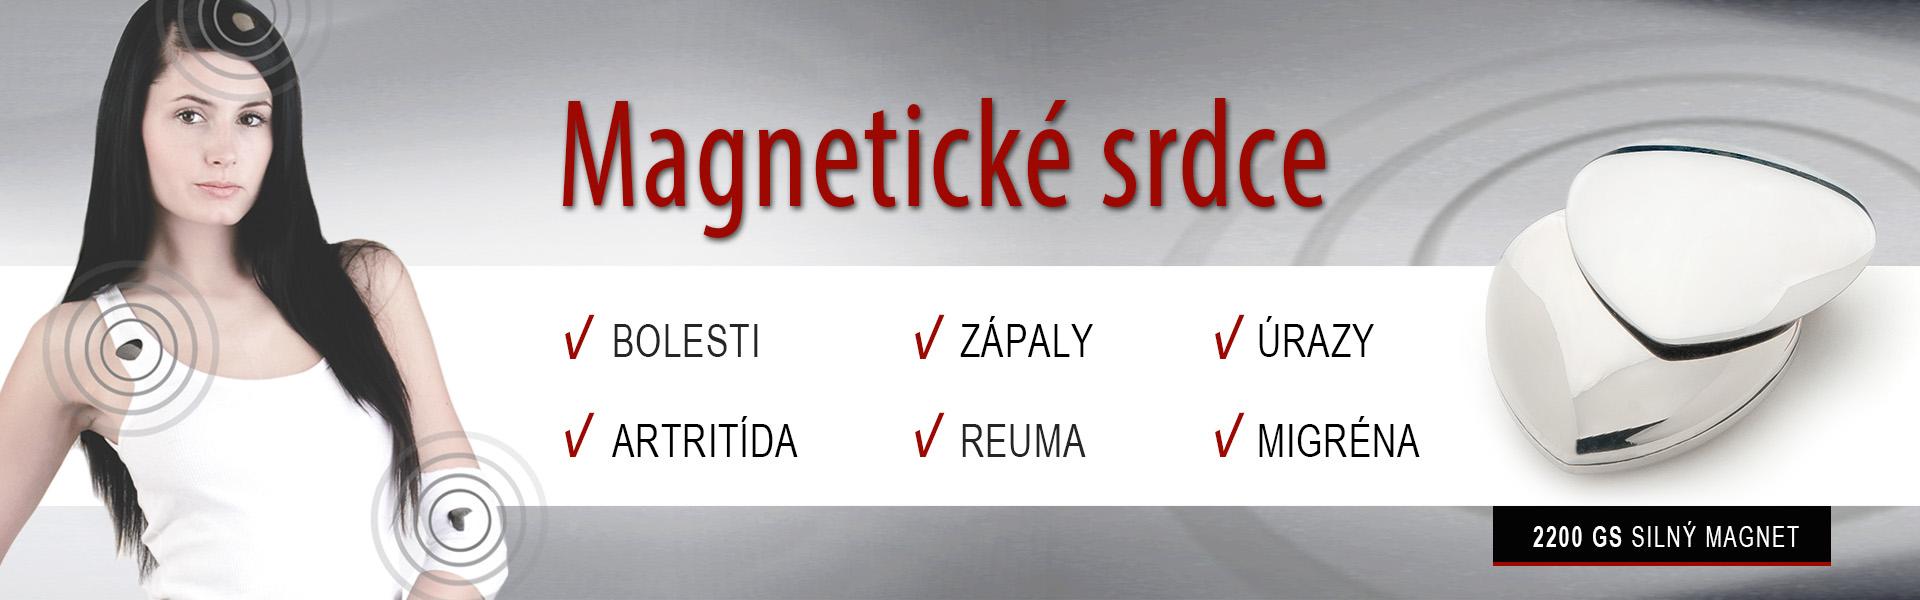 Magnetické srdce 177-1 Názory lekárov a skúsenosti zákazníkov hovoria o použití magnetického srdiečka pri bolestiach: Krížov, Kolena, Ramena, Kĺbo, Chrbtice, Migrénach